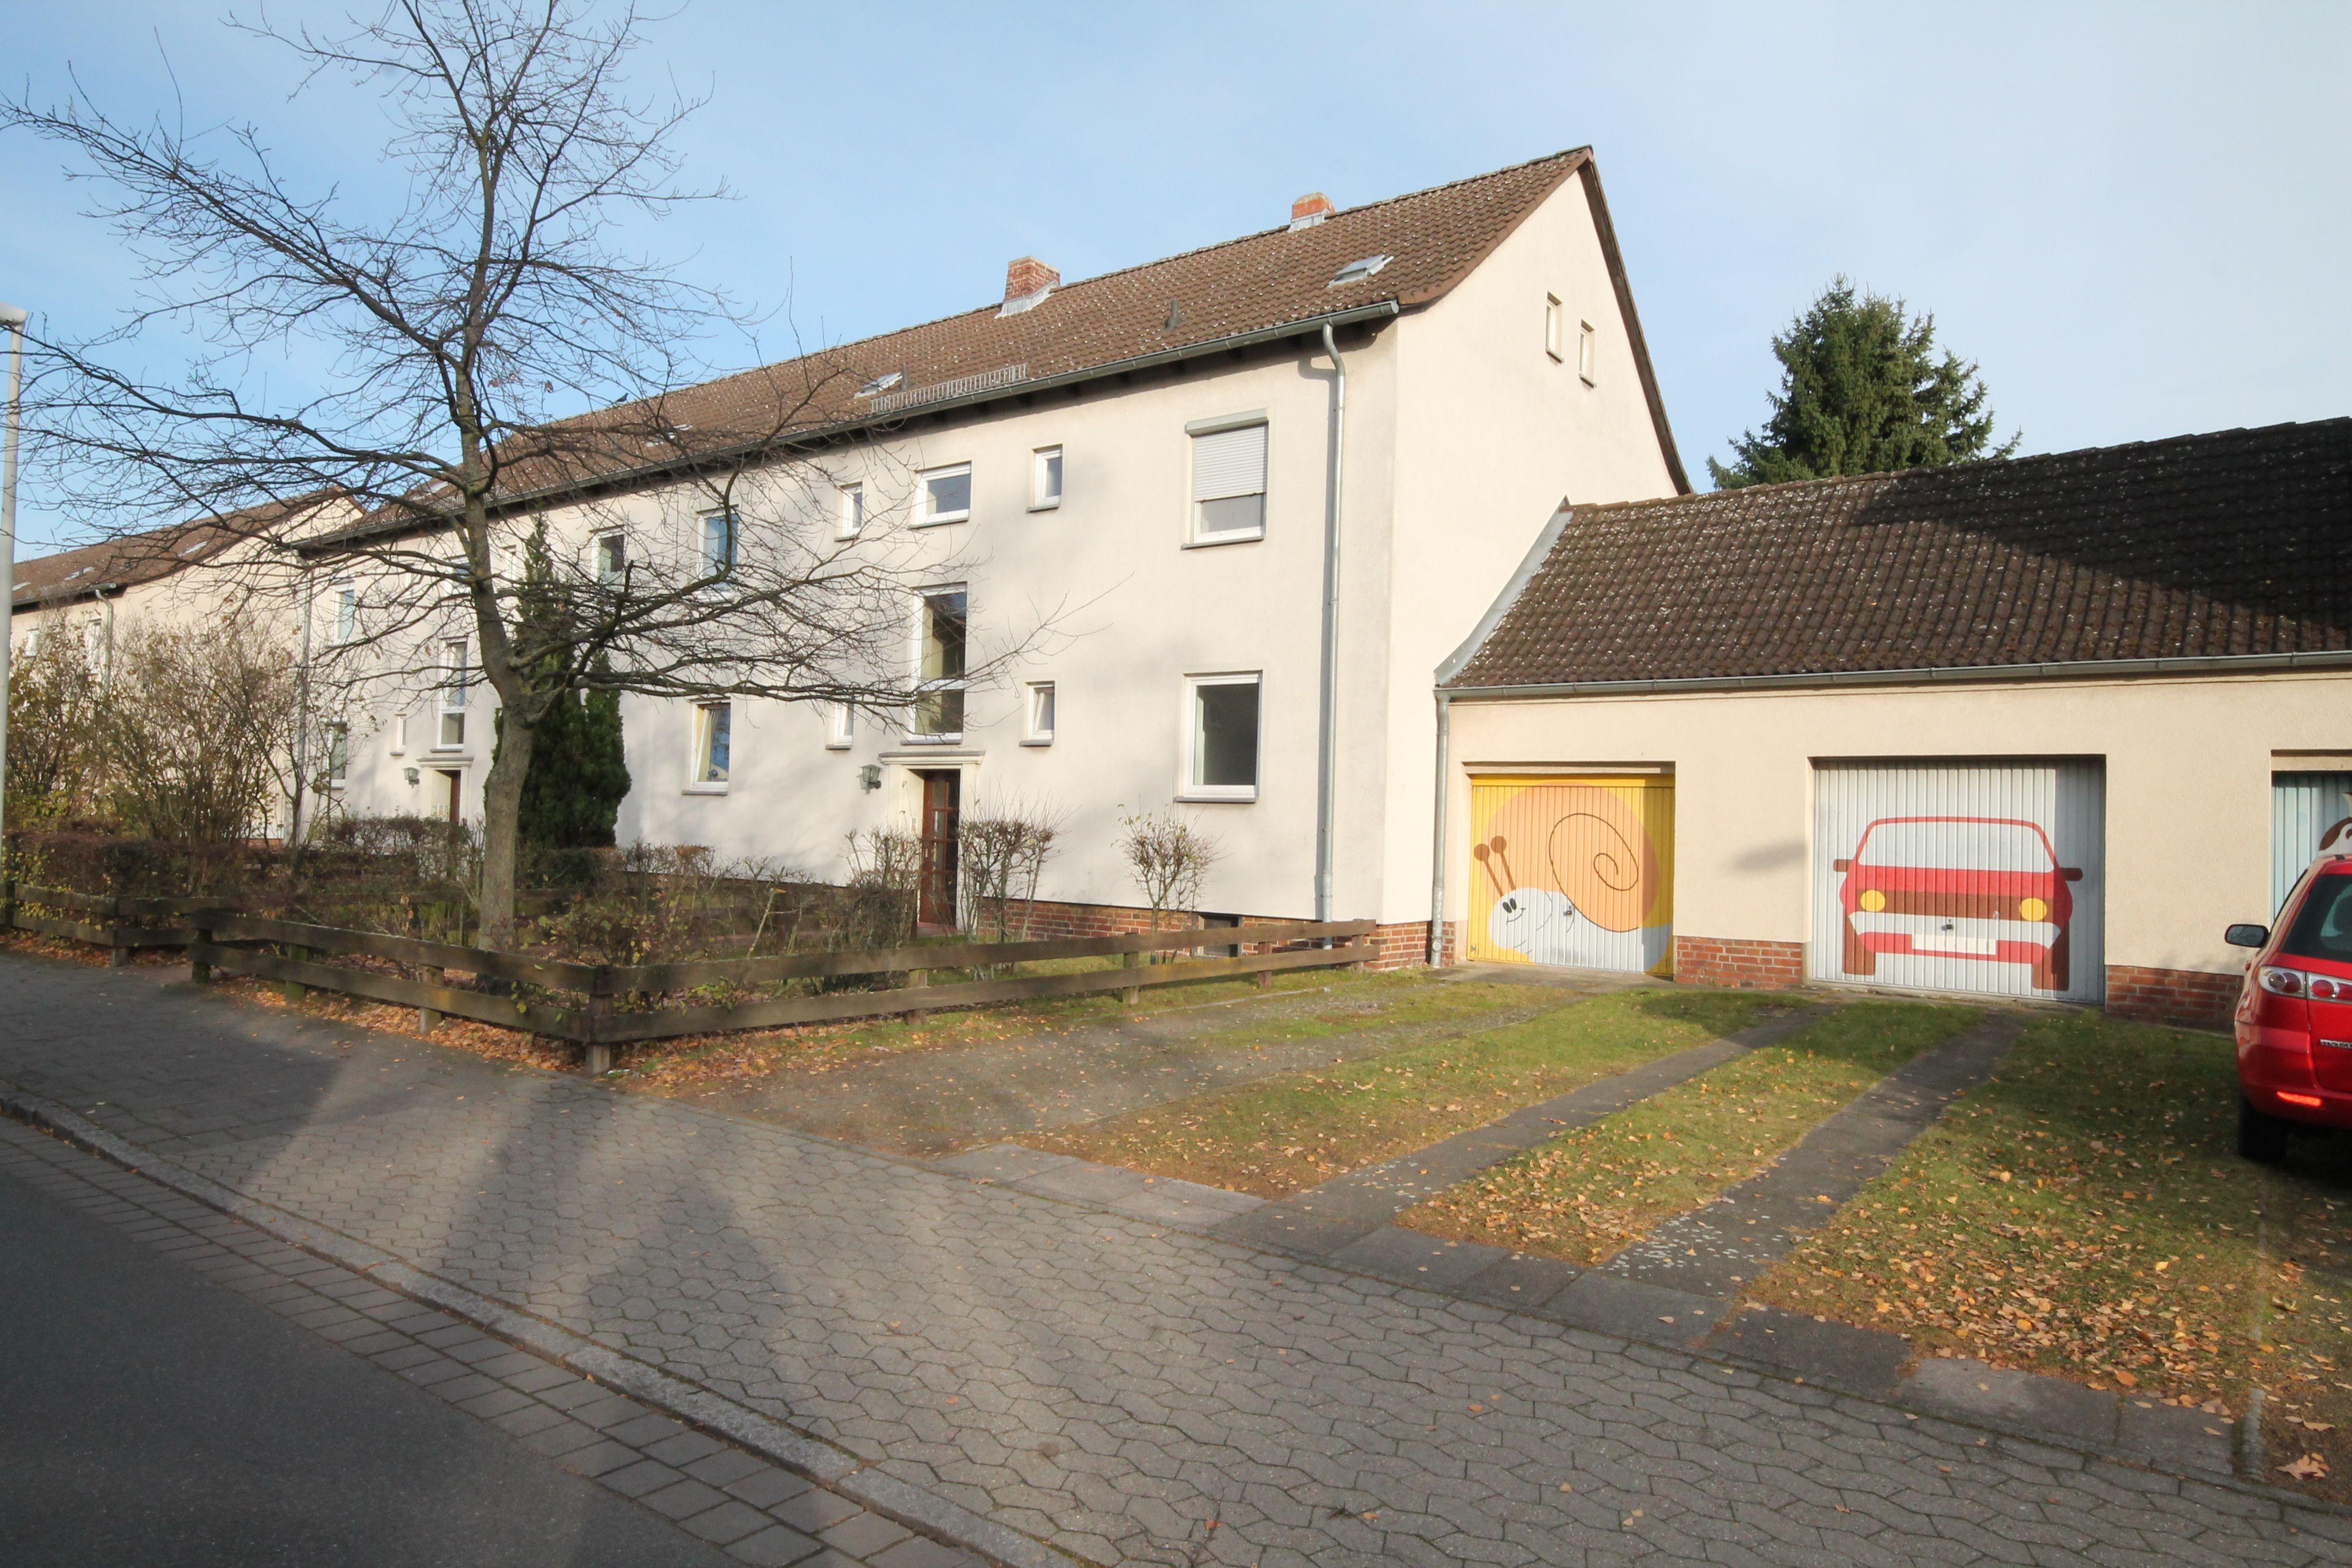 Makler In Braunschweig nordstadt vorwerksiedlung verkauf einer eigentumswohnung